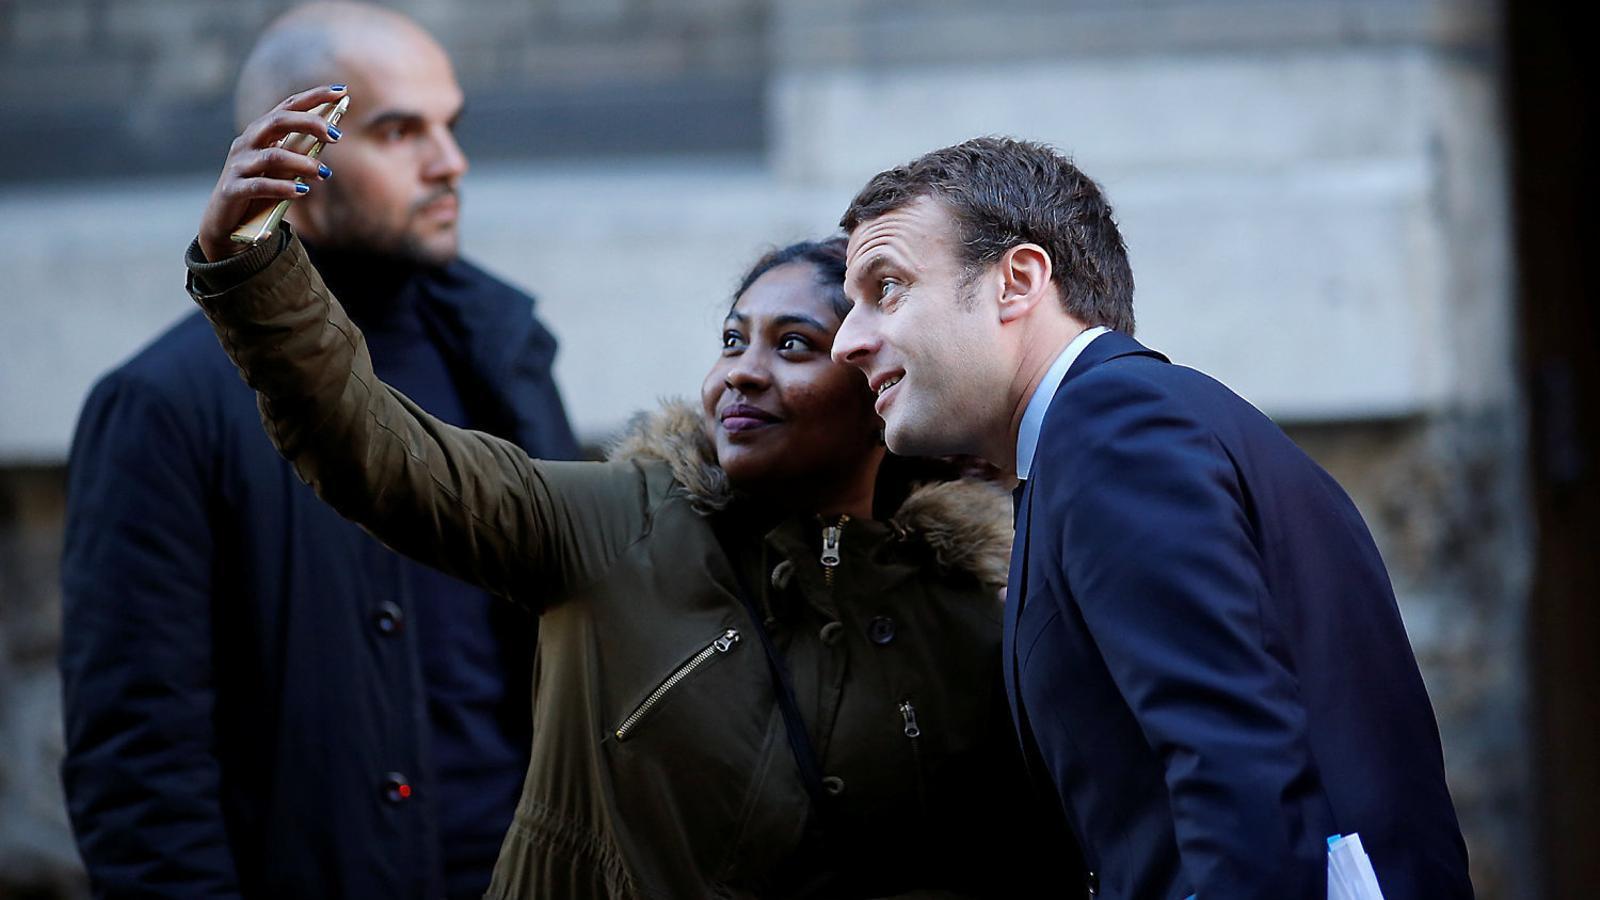 Macron fent-se una fotografia amb una simpatitzant en un carrer de París.